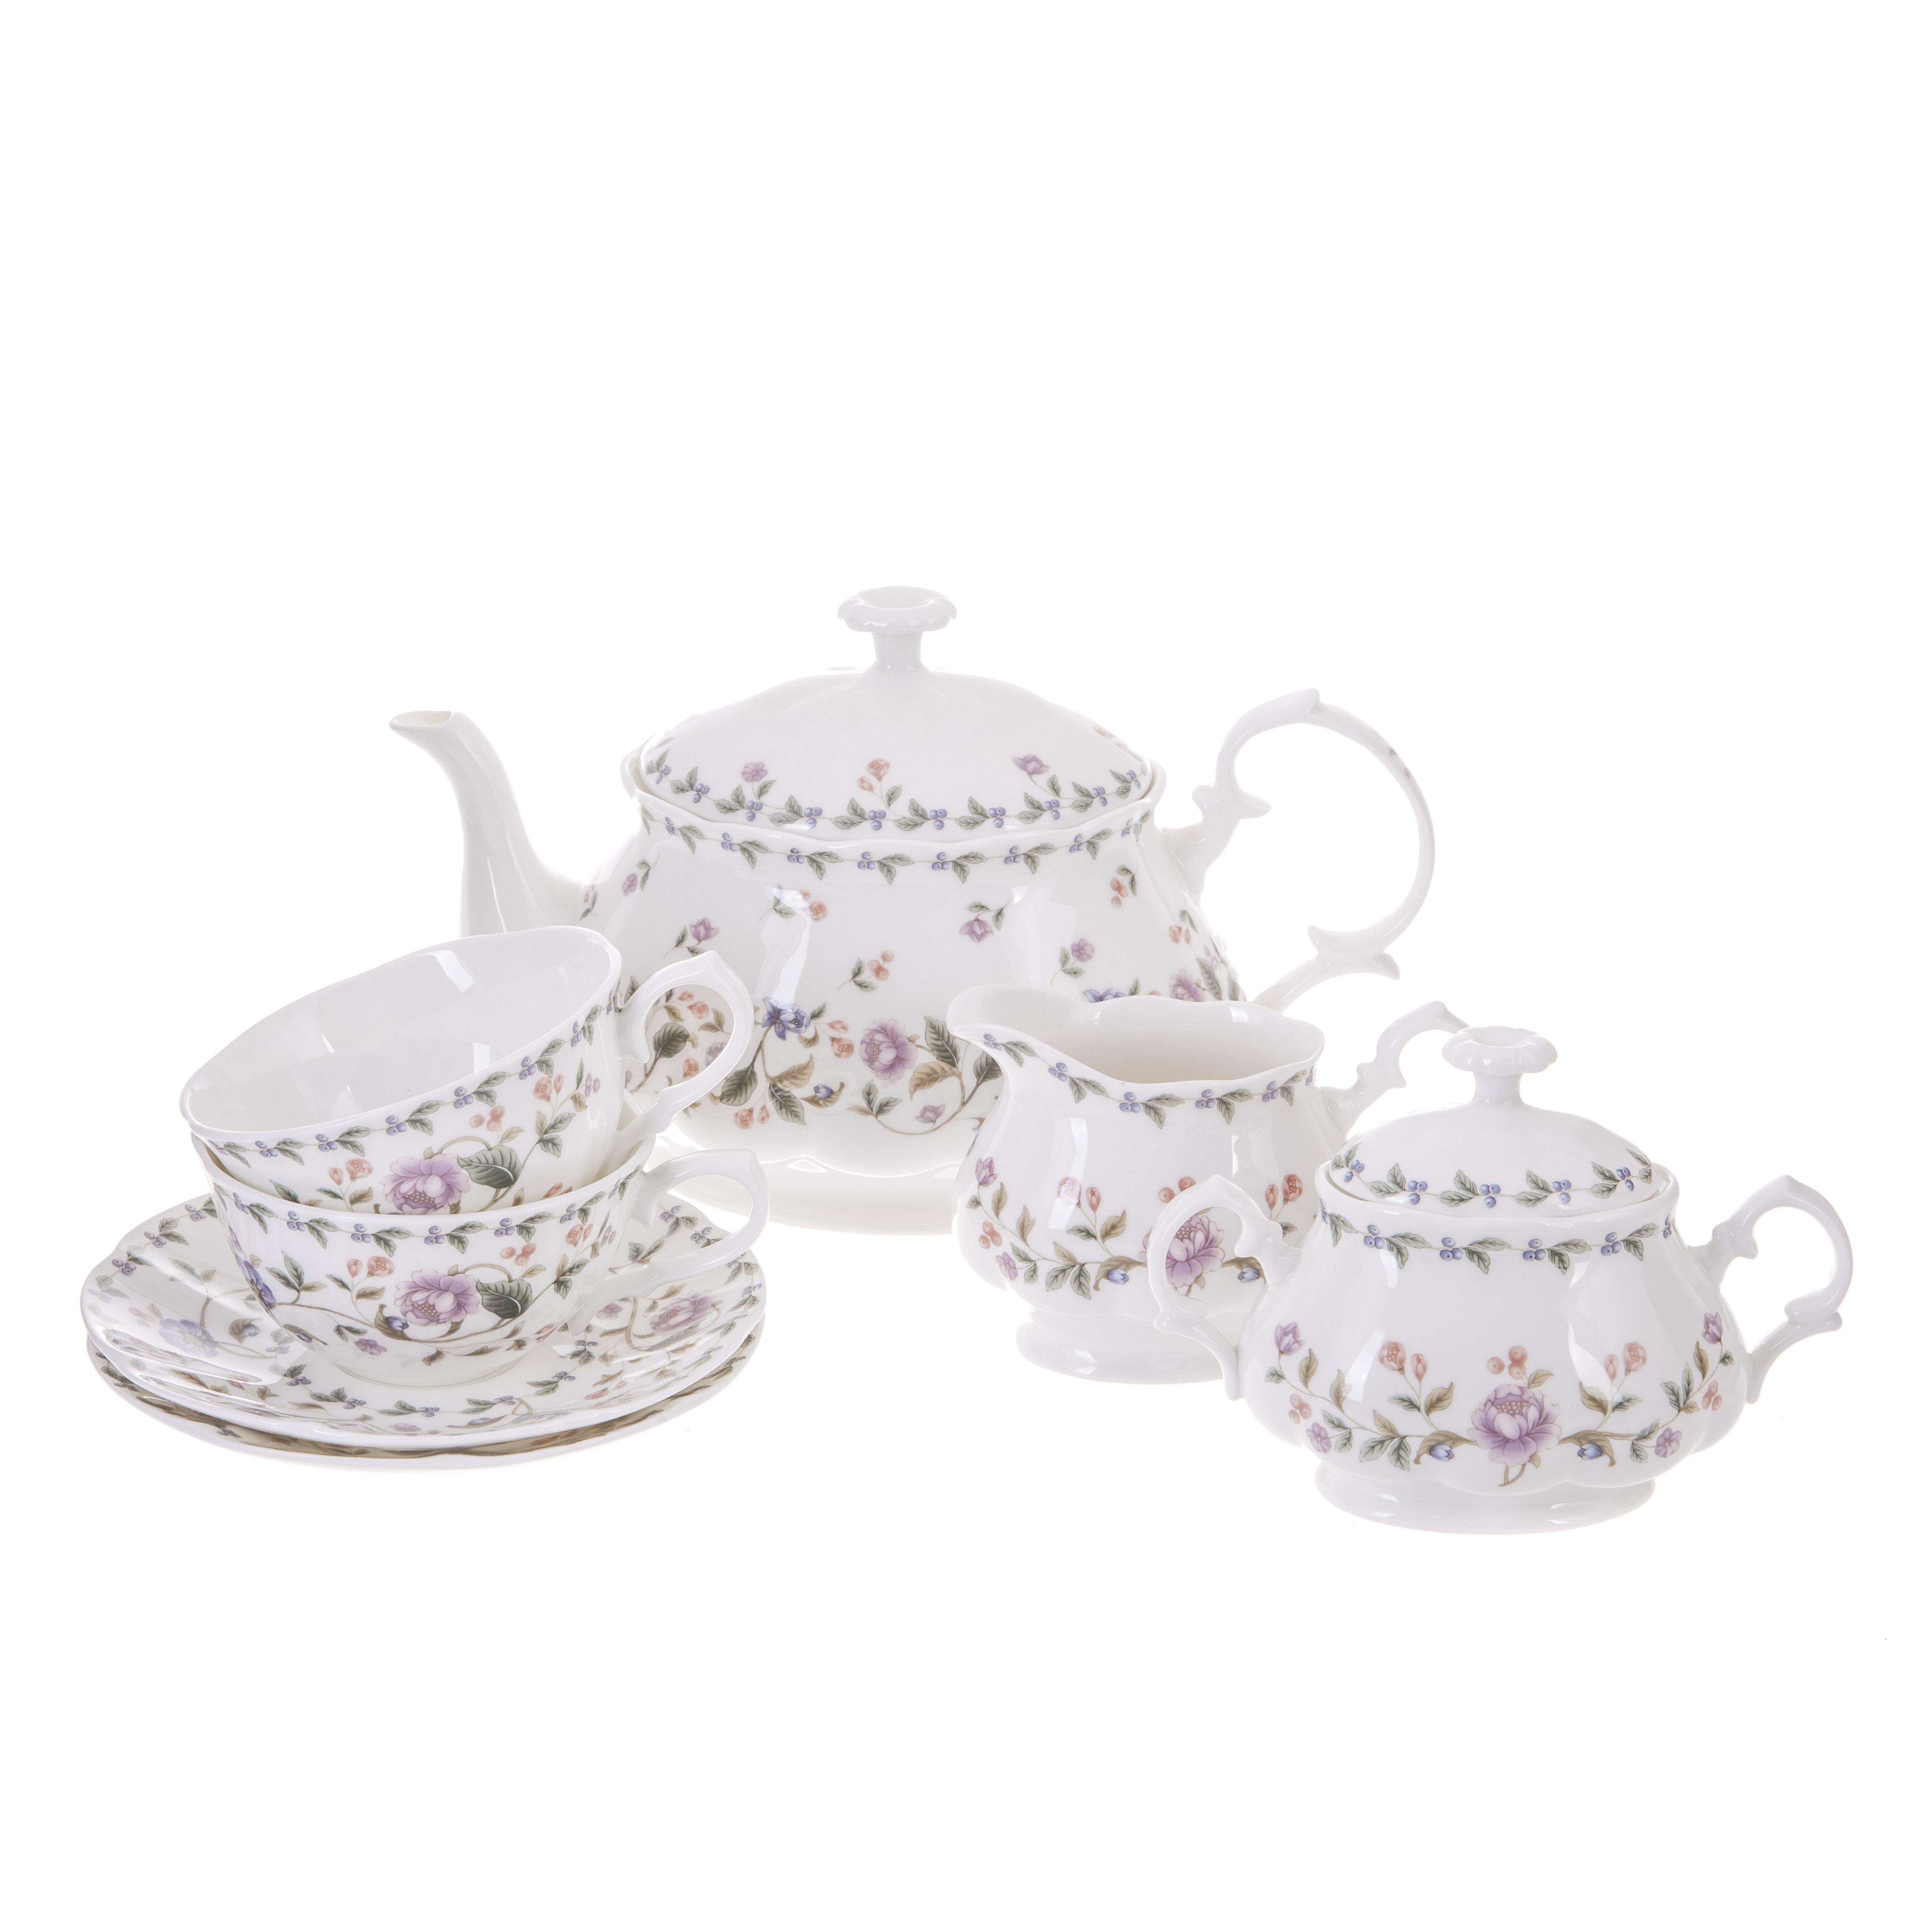 Сервиз чайный Hatori Санни Гарден Империал 17 предметов Н 1114000/14660